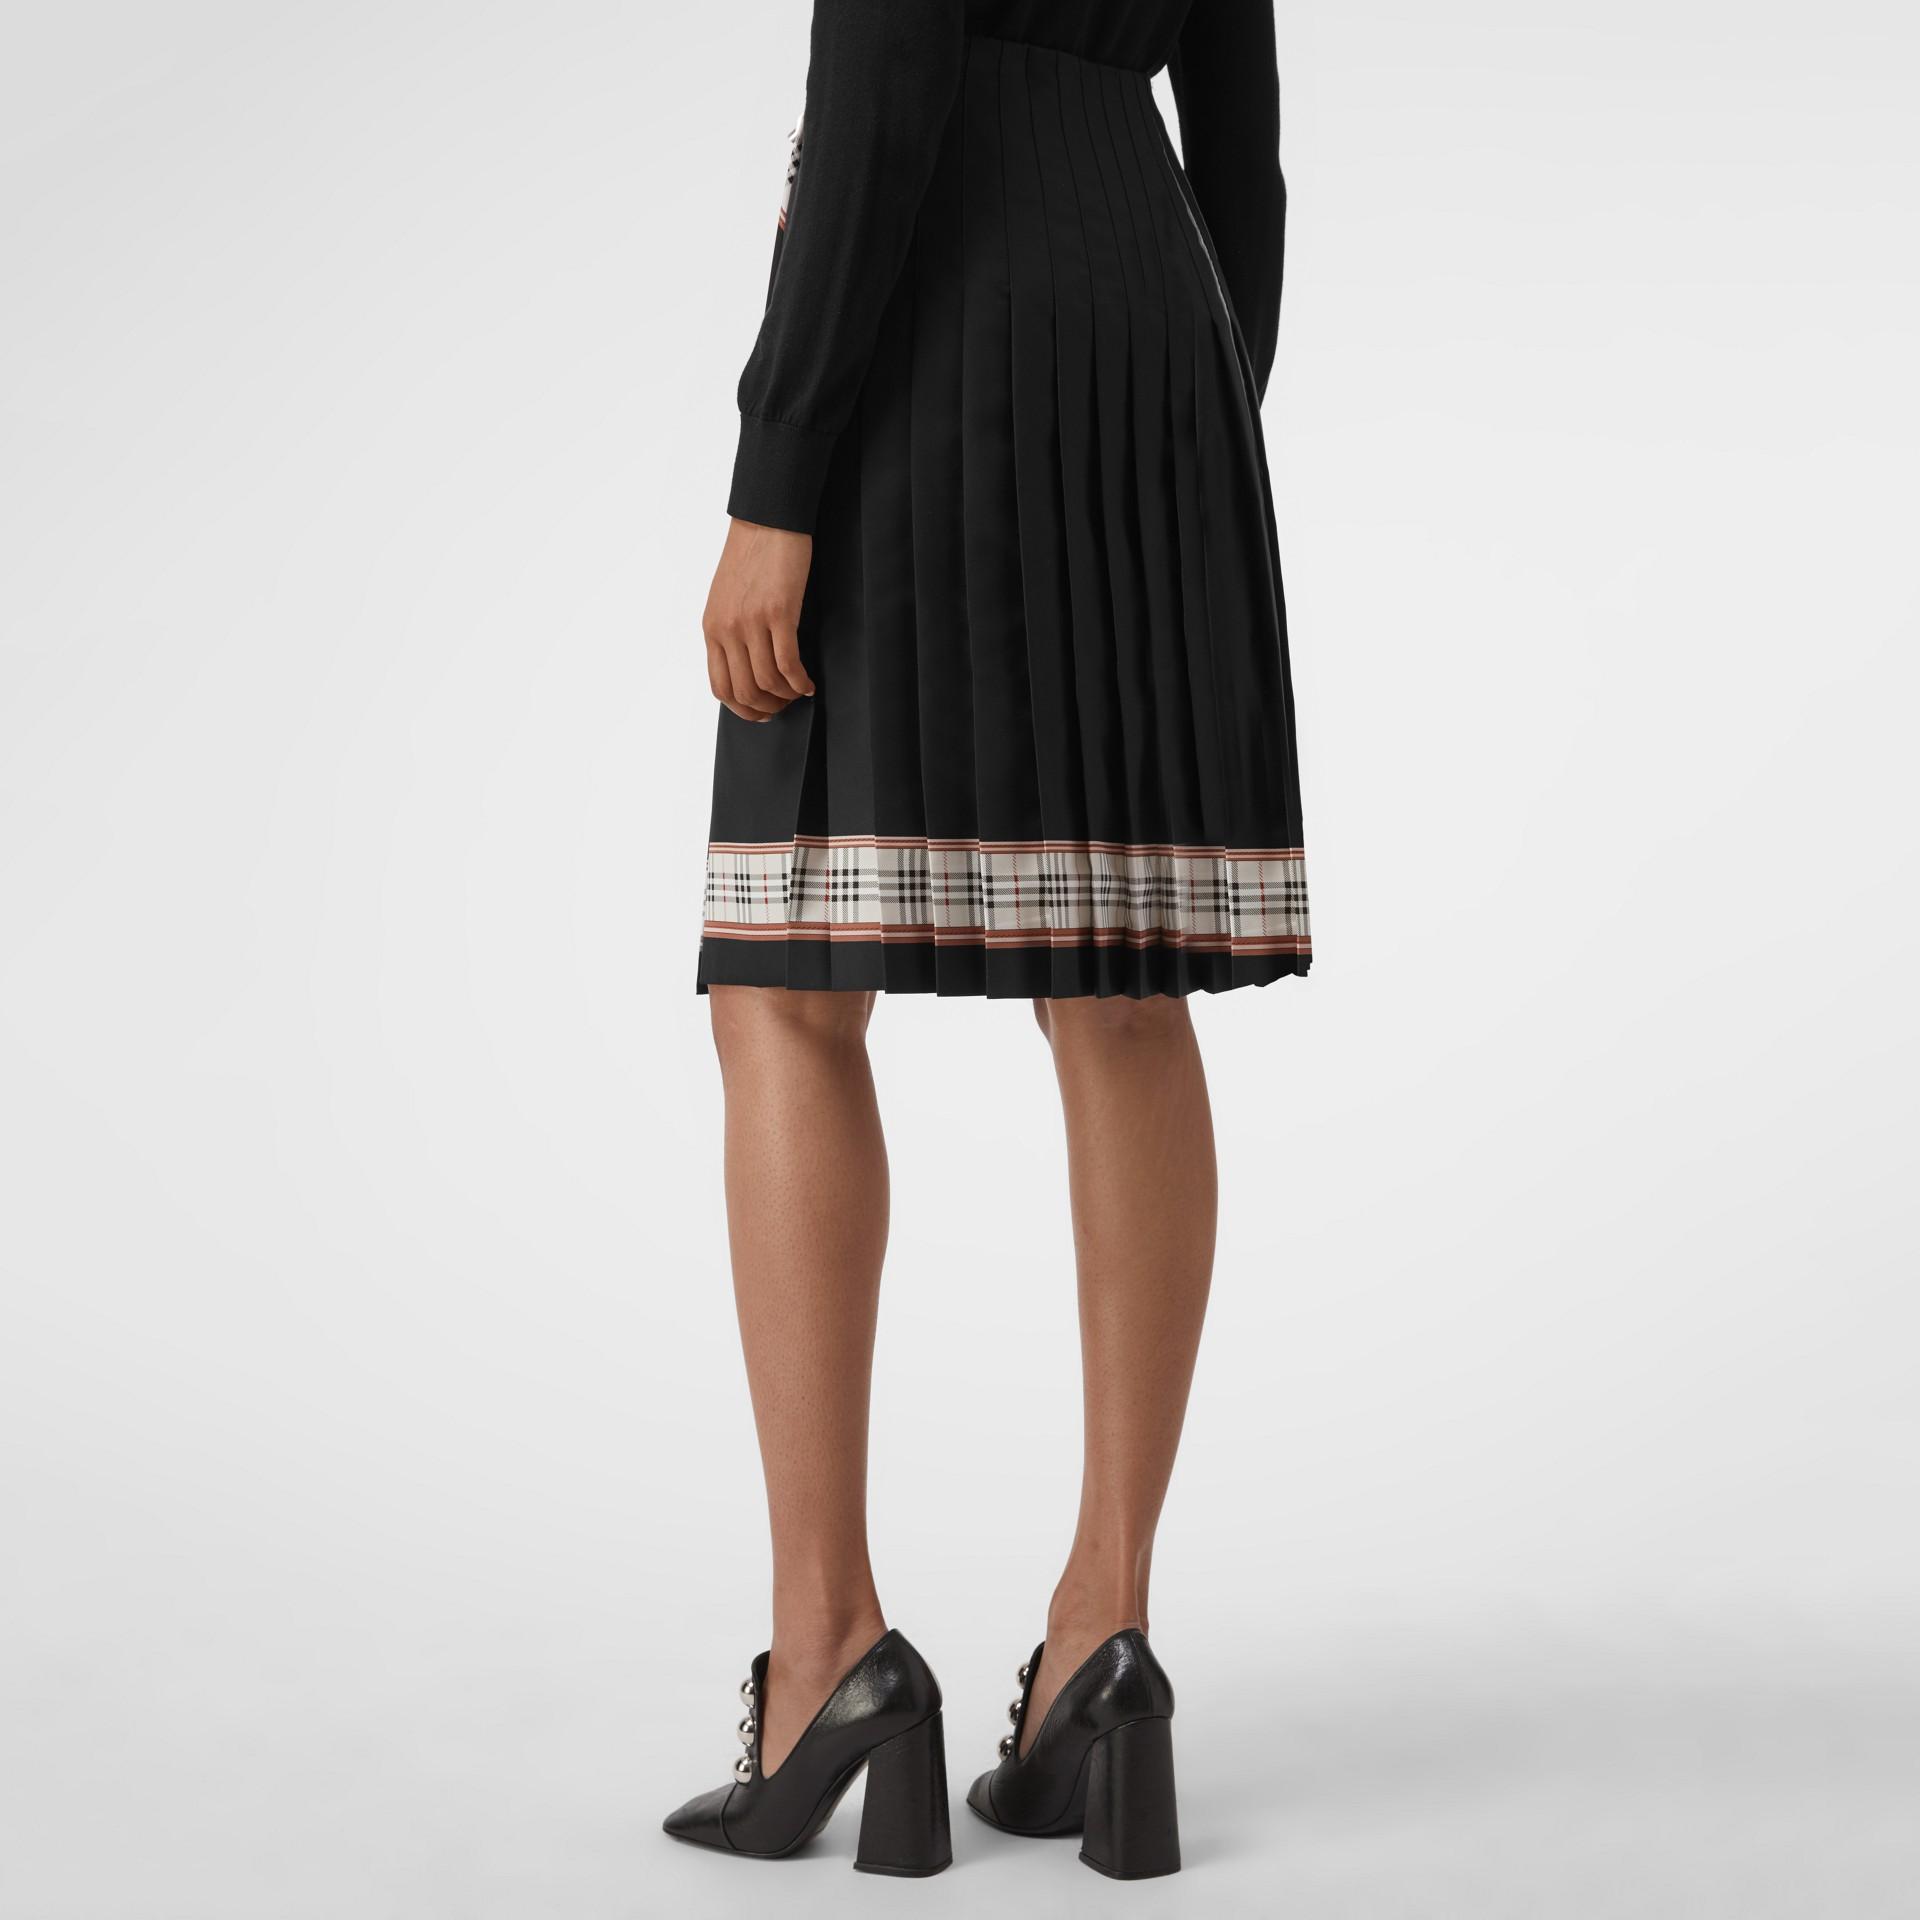 Saia estilo kilt com estampa de lenços (Multicolorido) - Mulheres | Burberry - galeria de imagens 2